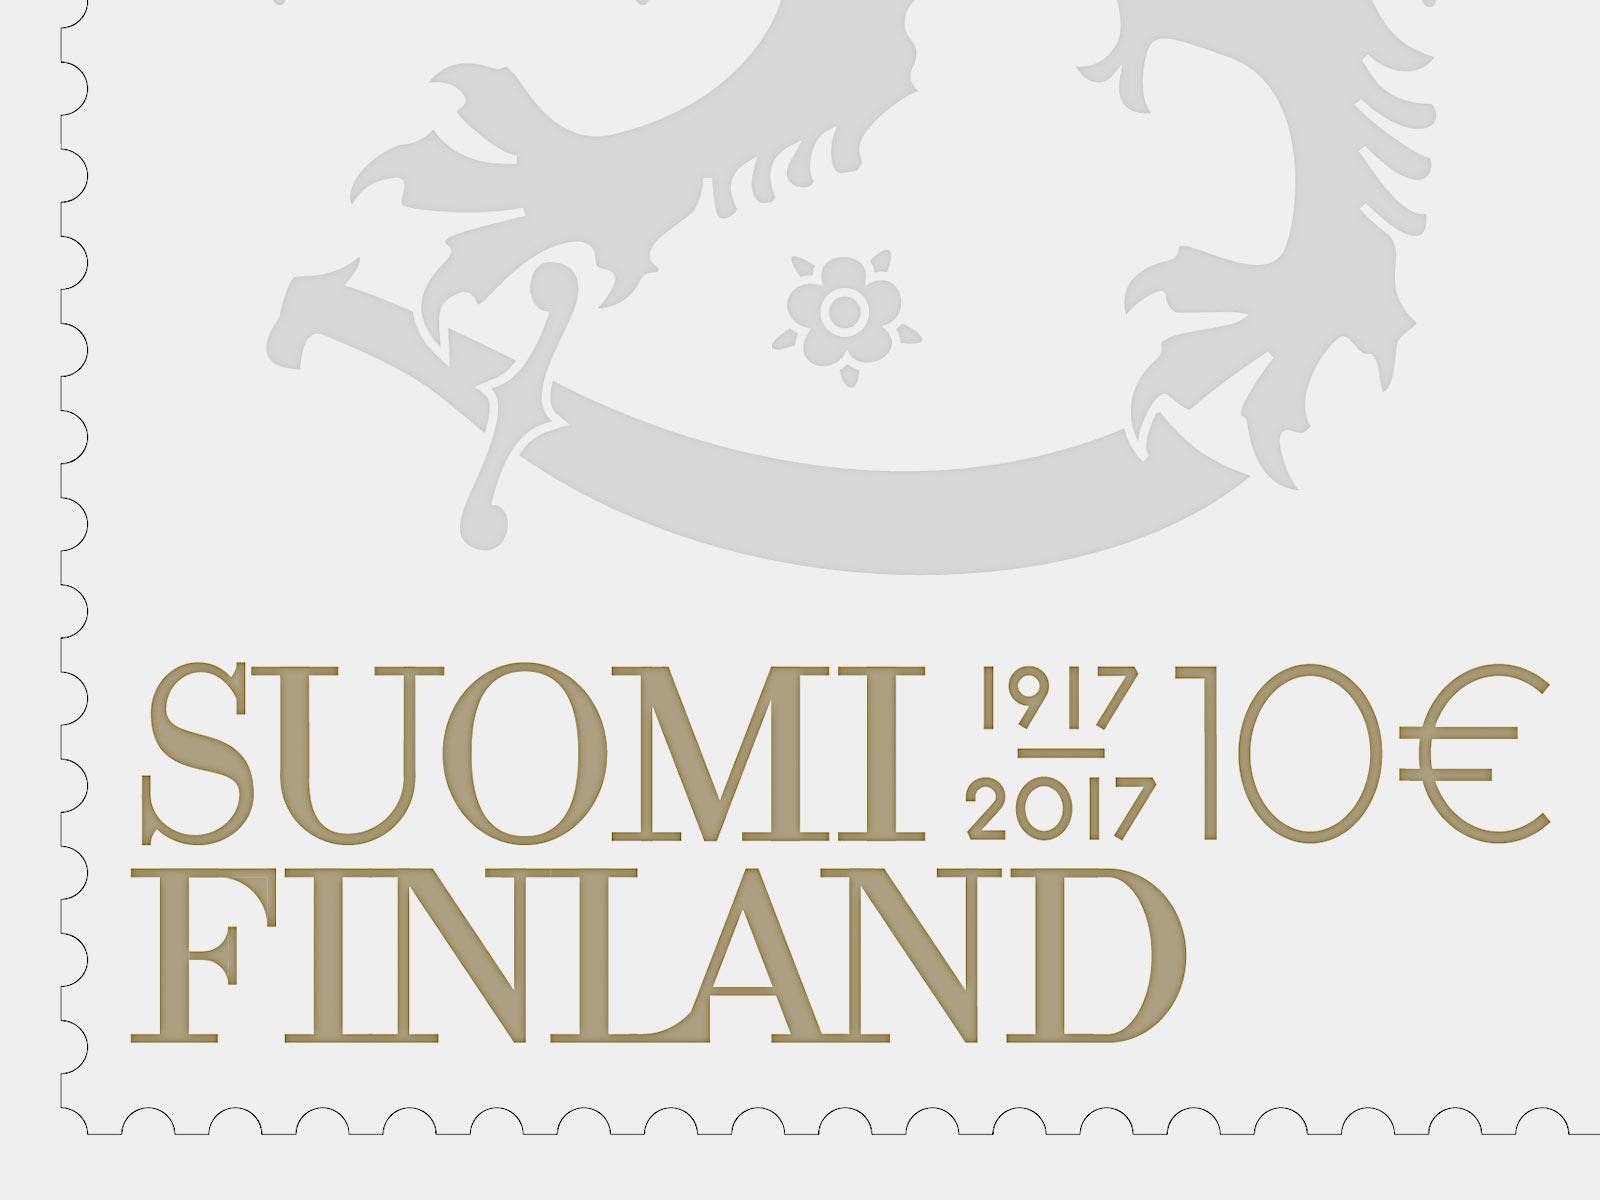 suomifinland-v02–2018-09-04